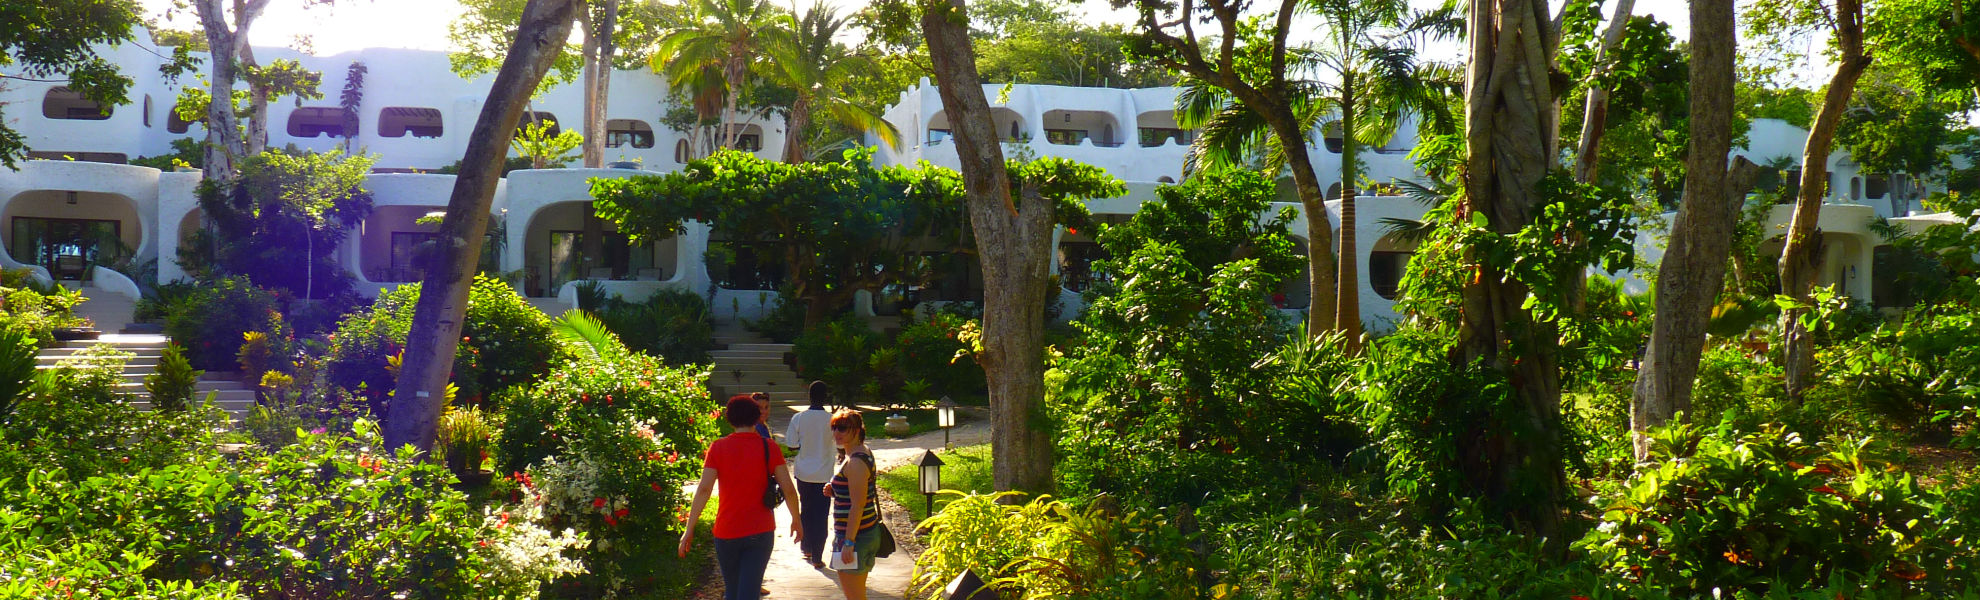 Gartenanlage des Ocean Village Beach Clubs am Diani Beach